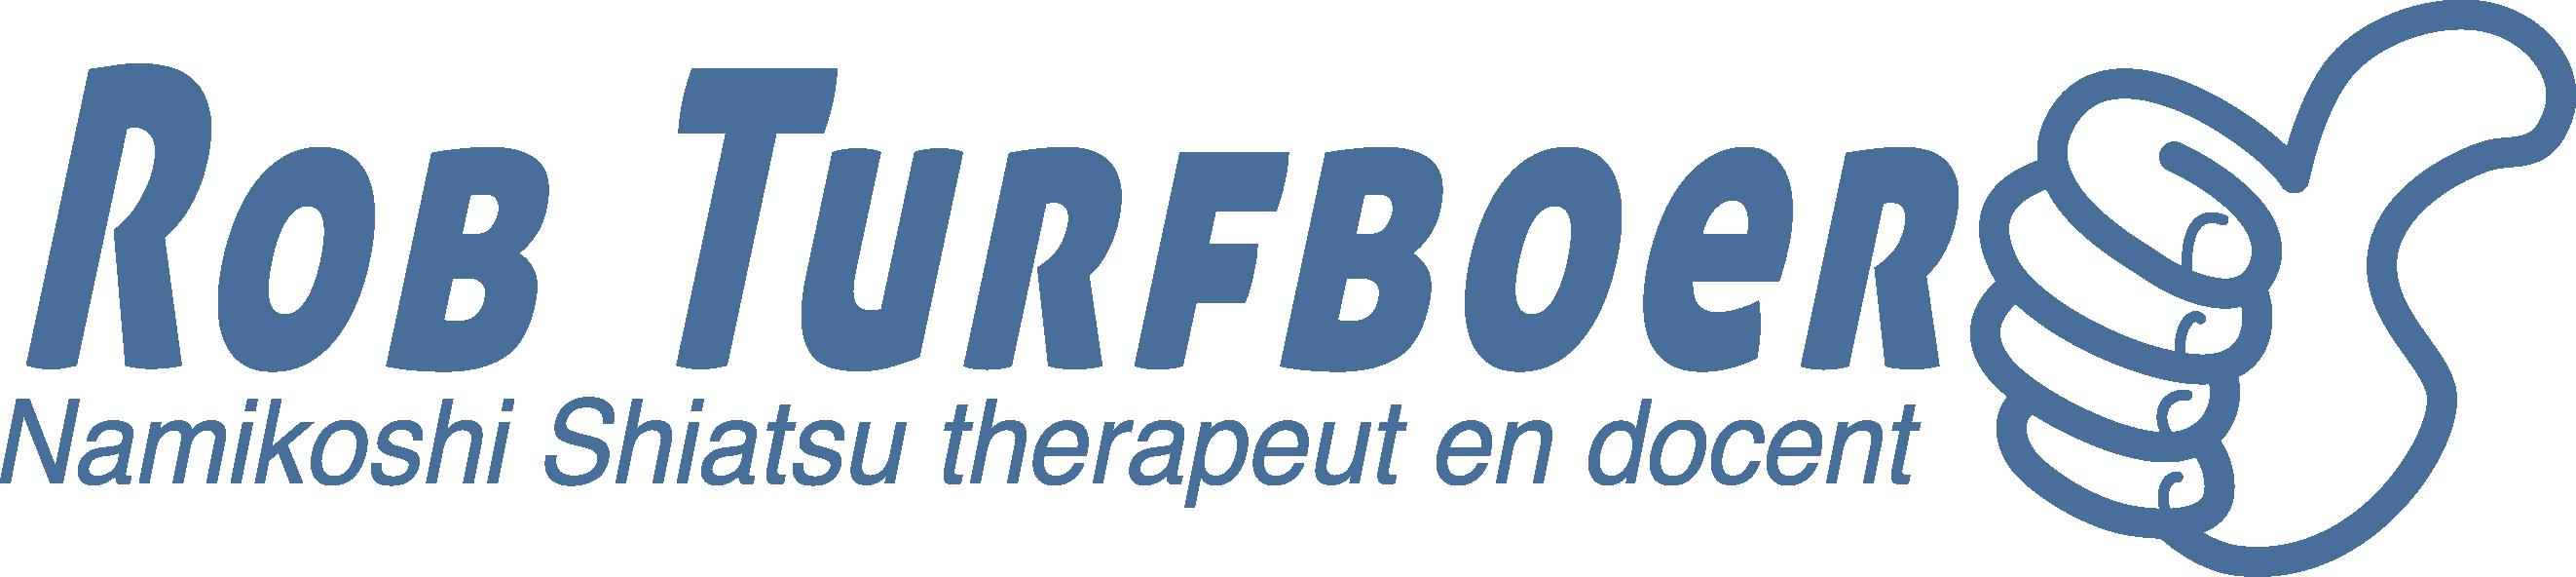 Rob Turfboer